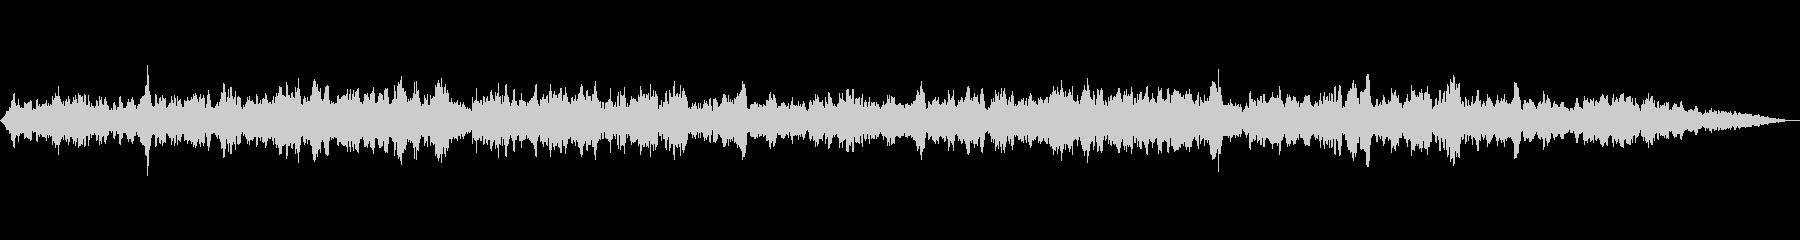 アヴェマリア・ヒーリング曲Ver2の未再生の波形